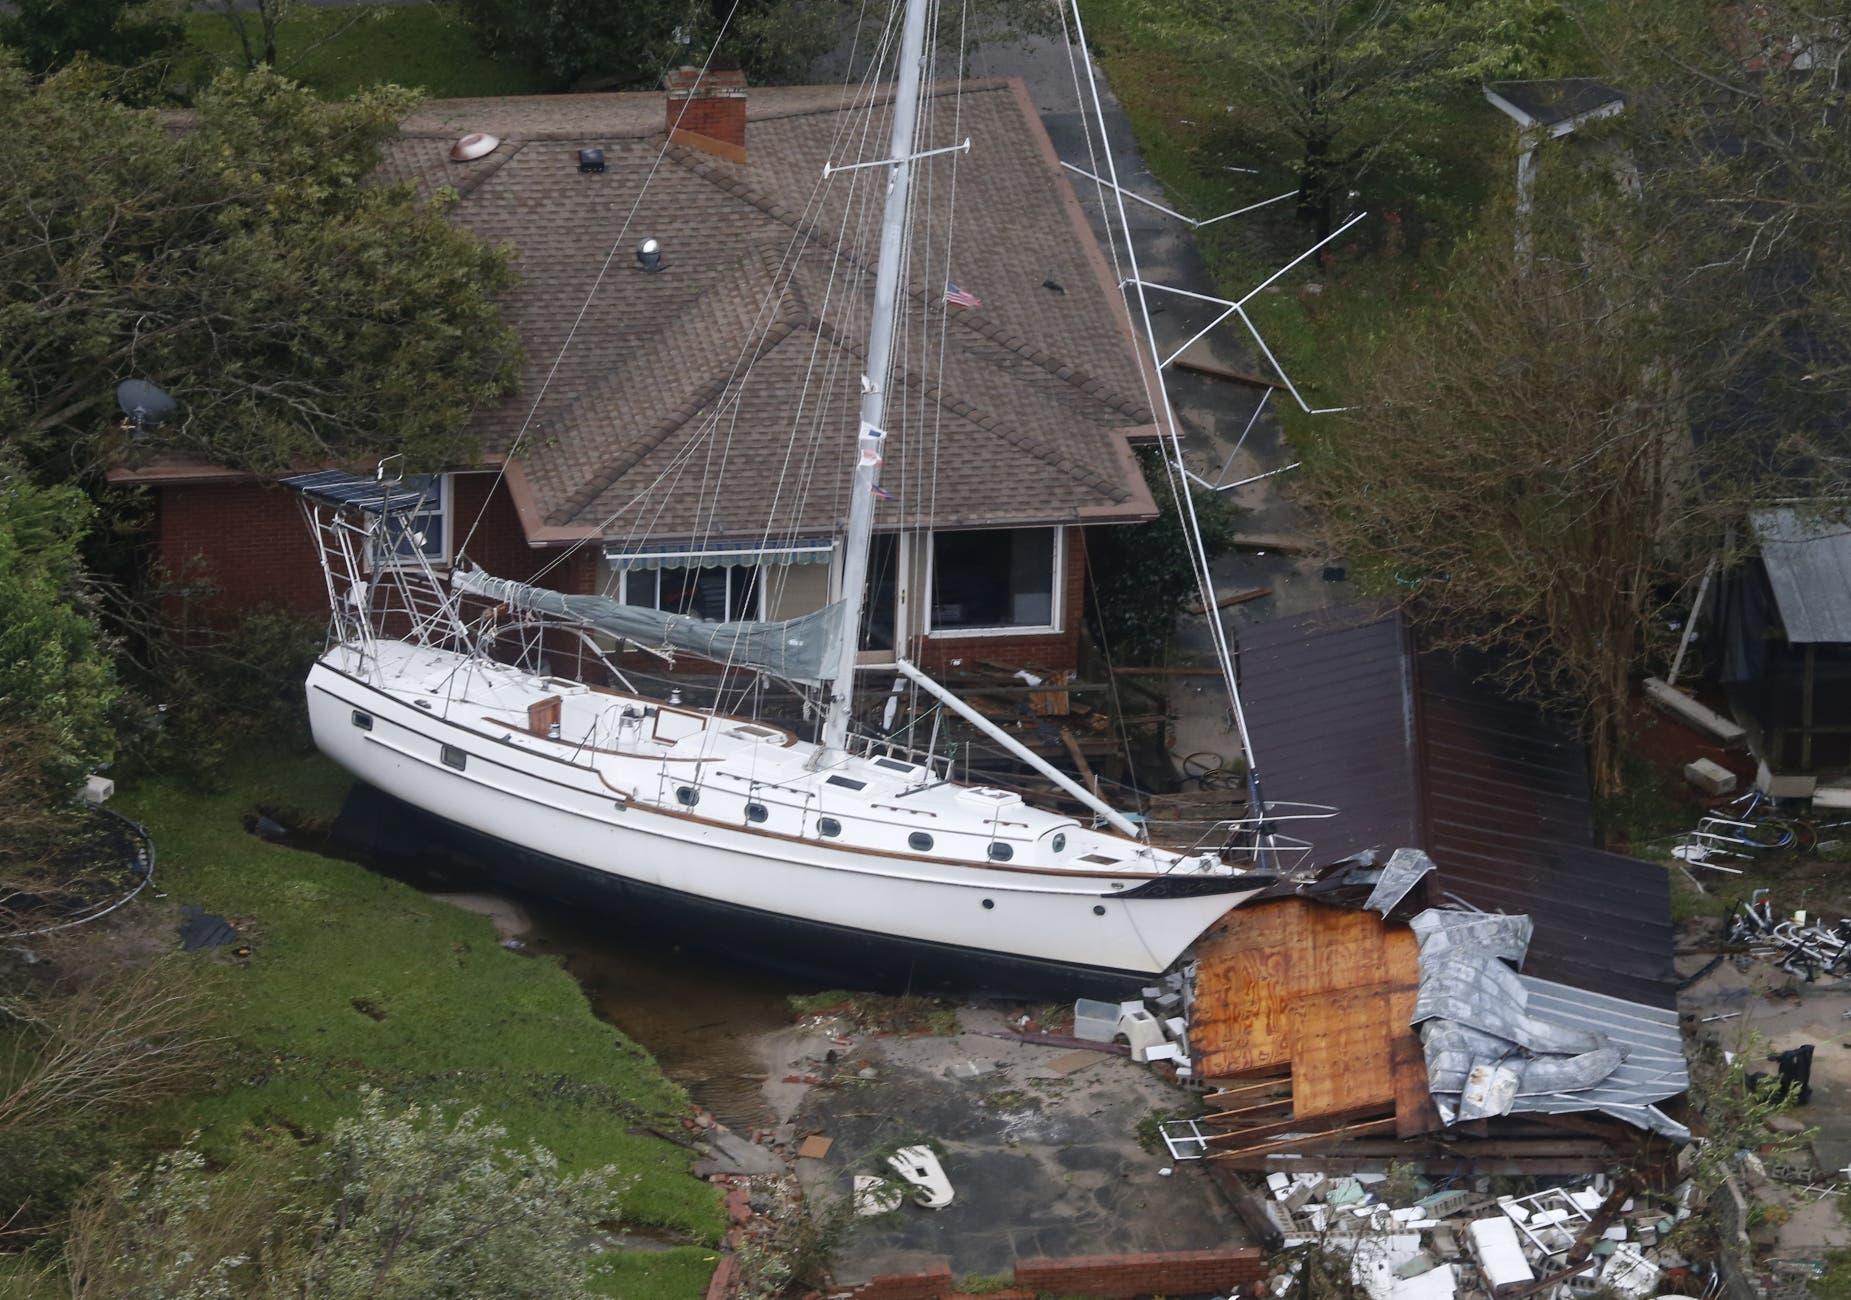 Un bote de vela encallado junto a una casa y un garage derribado, después de ser arrastrado por aguas crecidas por las lluvias que trajo el huracán Florence, ahora tormenta tropical, en New Bern, Carolina del Norte. AP